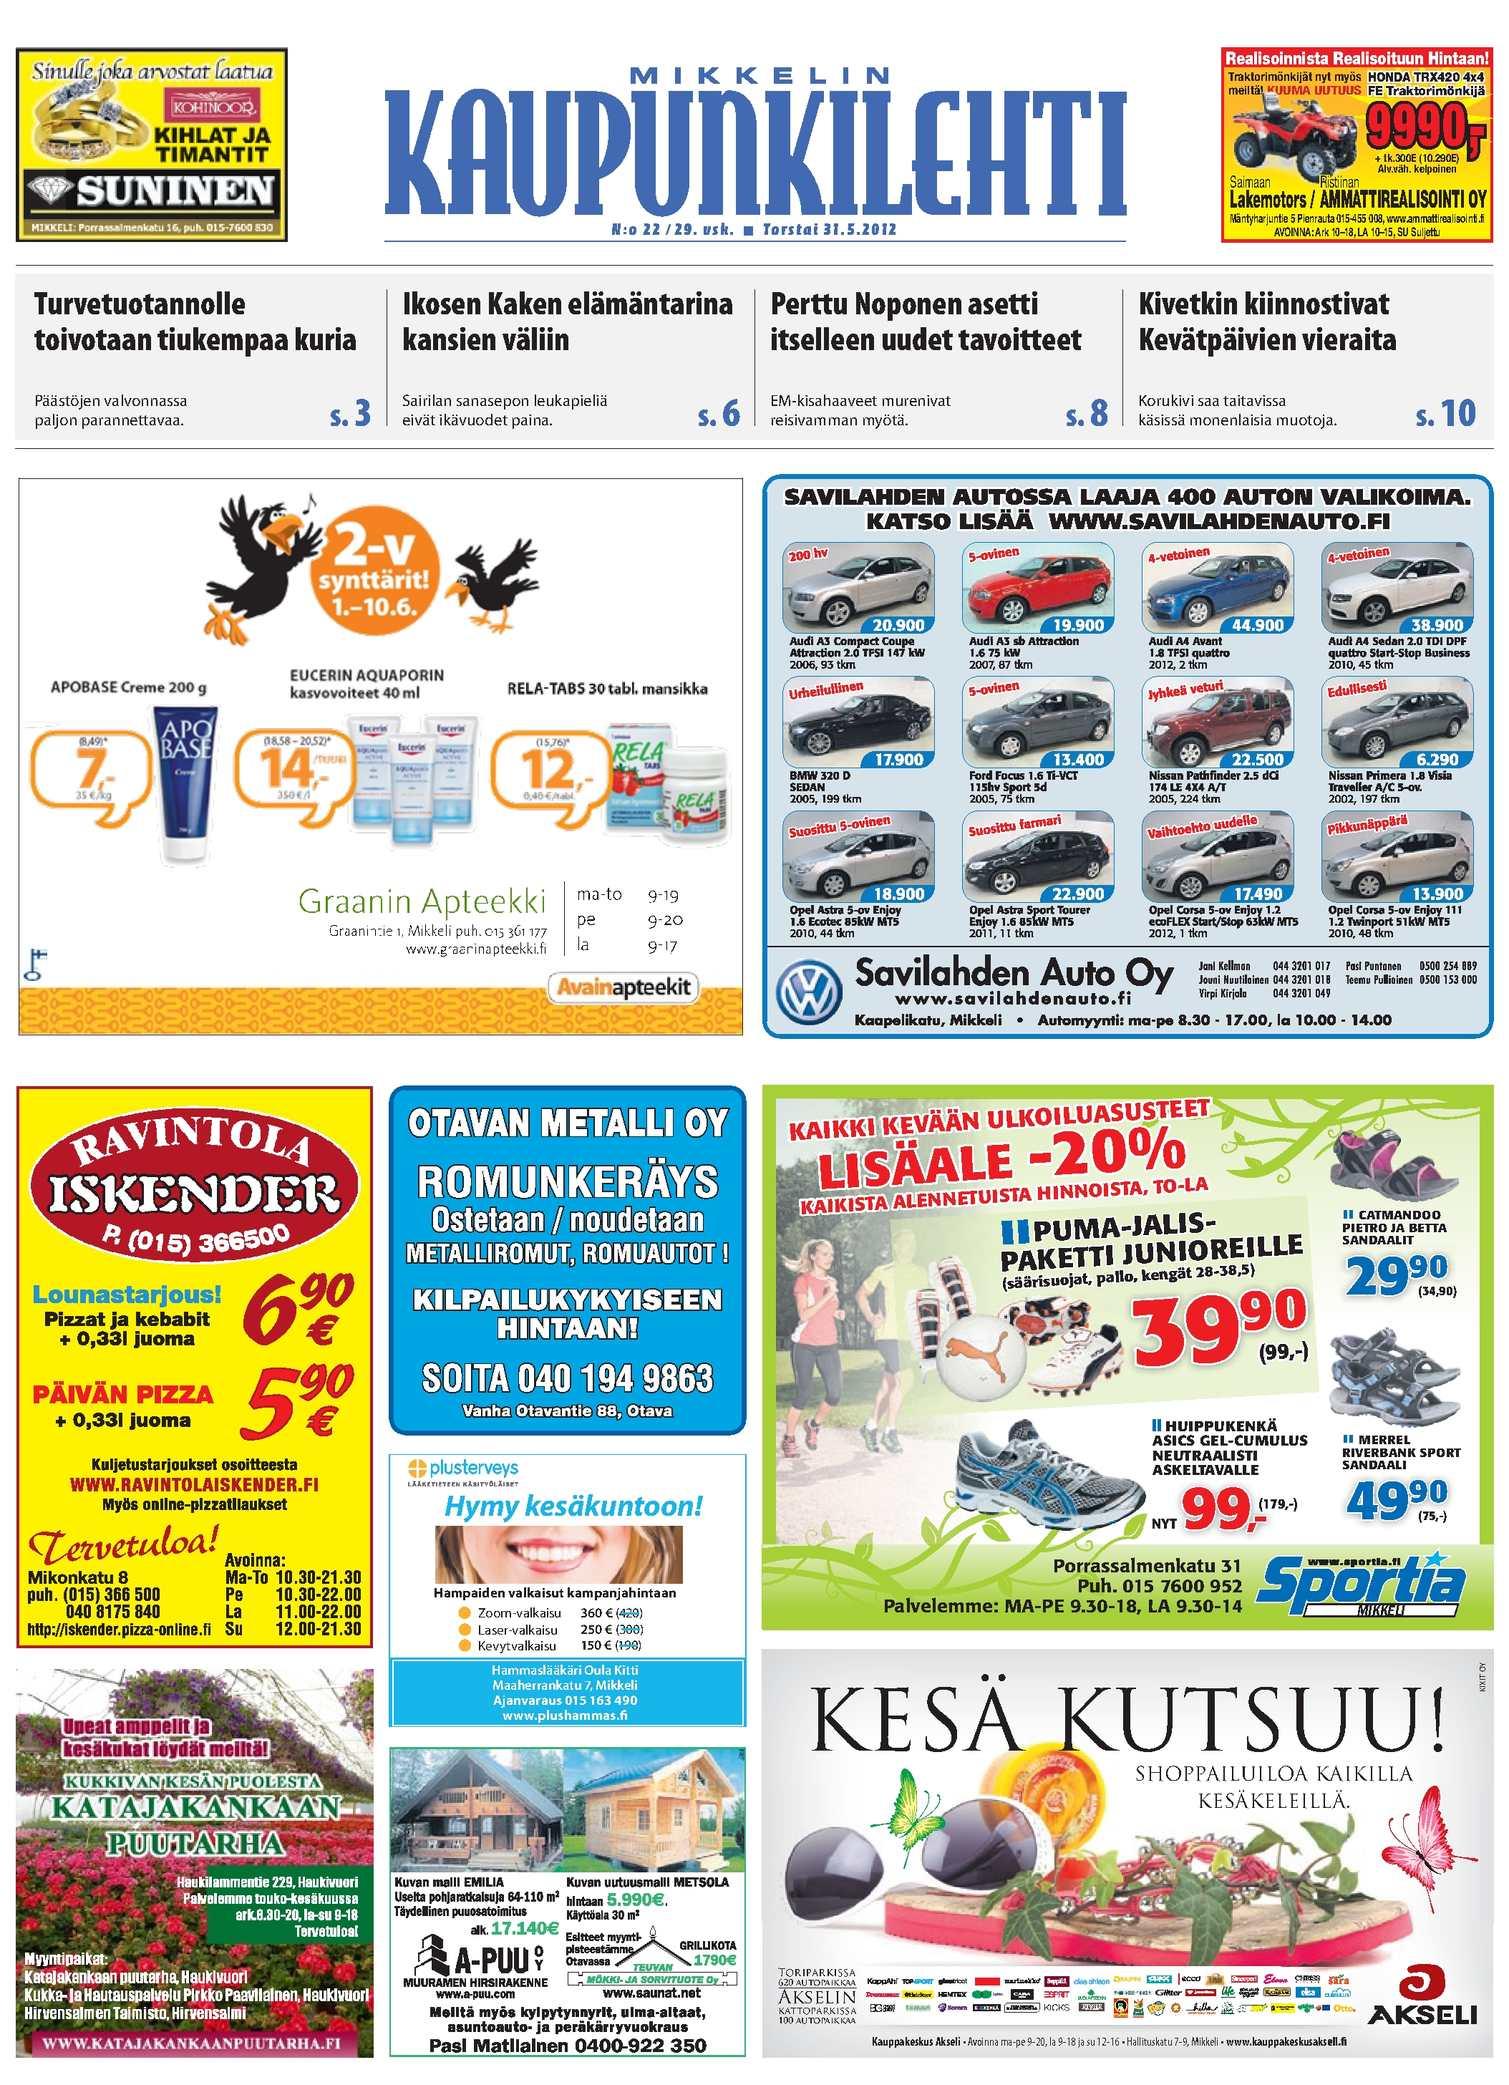 Calaméo - Mikkelin Kaupunkilehti 22 2012 dc6c46f676